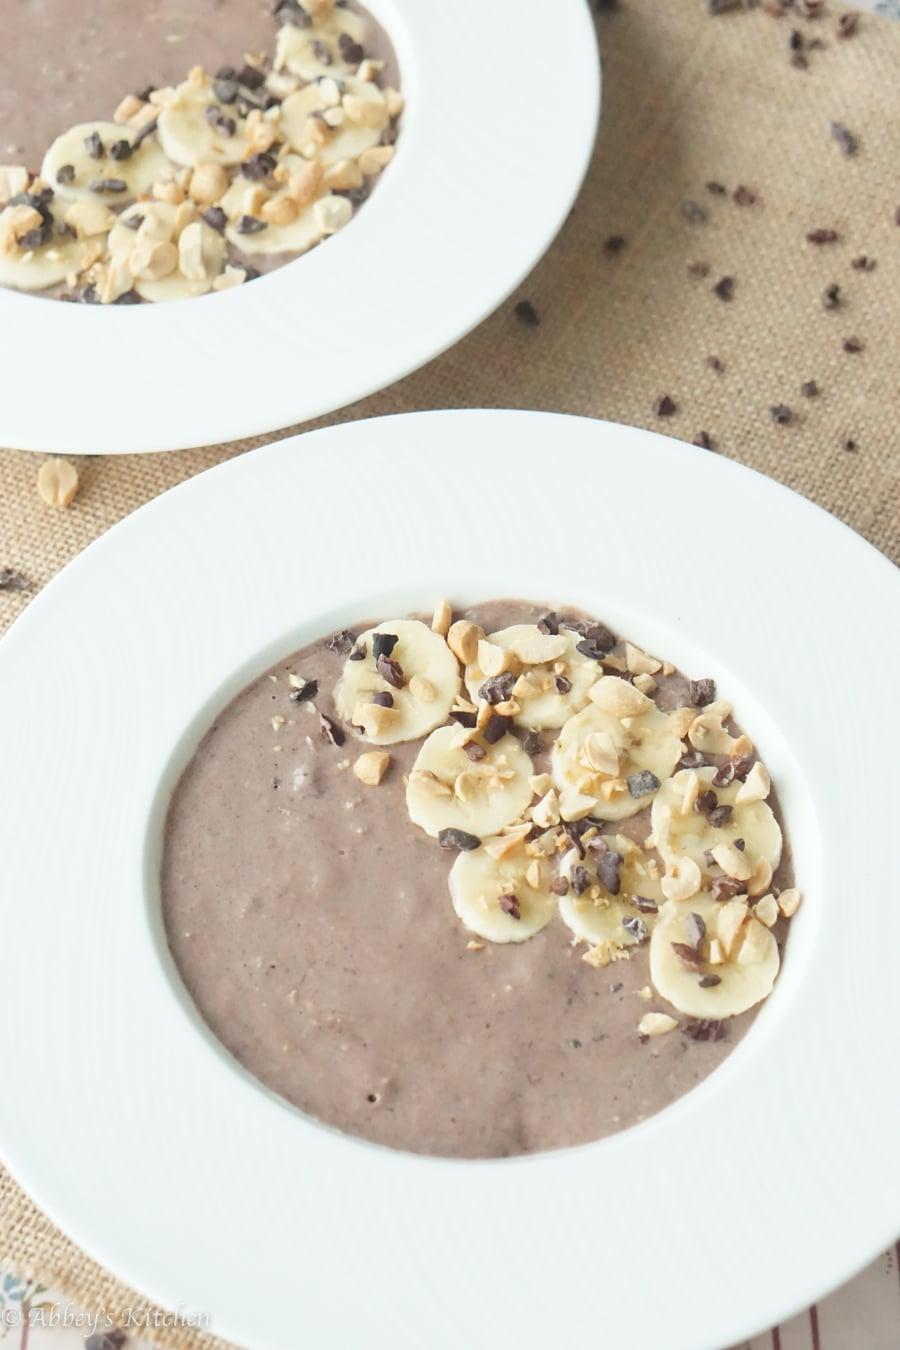 chocolate_pb_smoothie_bowl_6_of_7.jpg